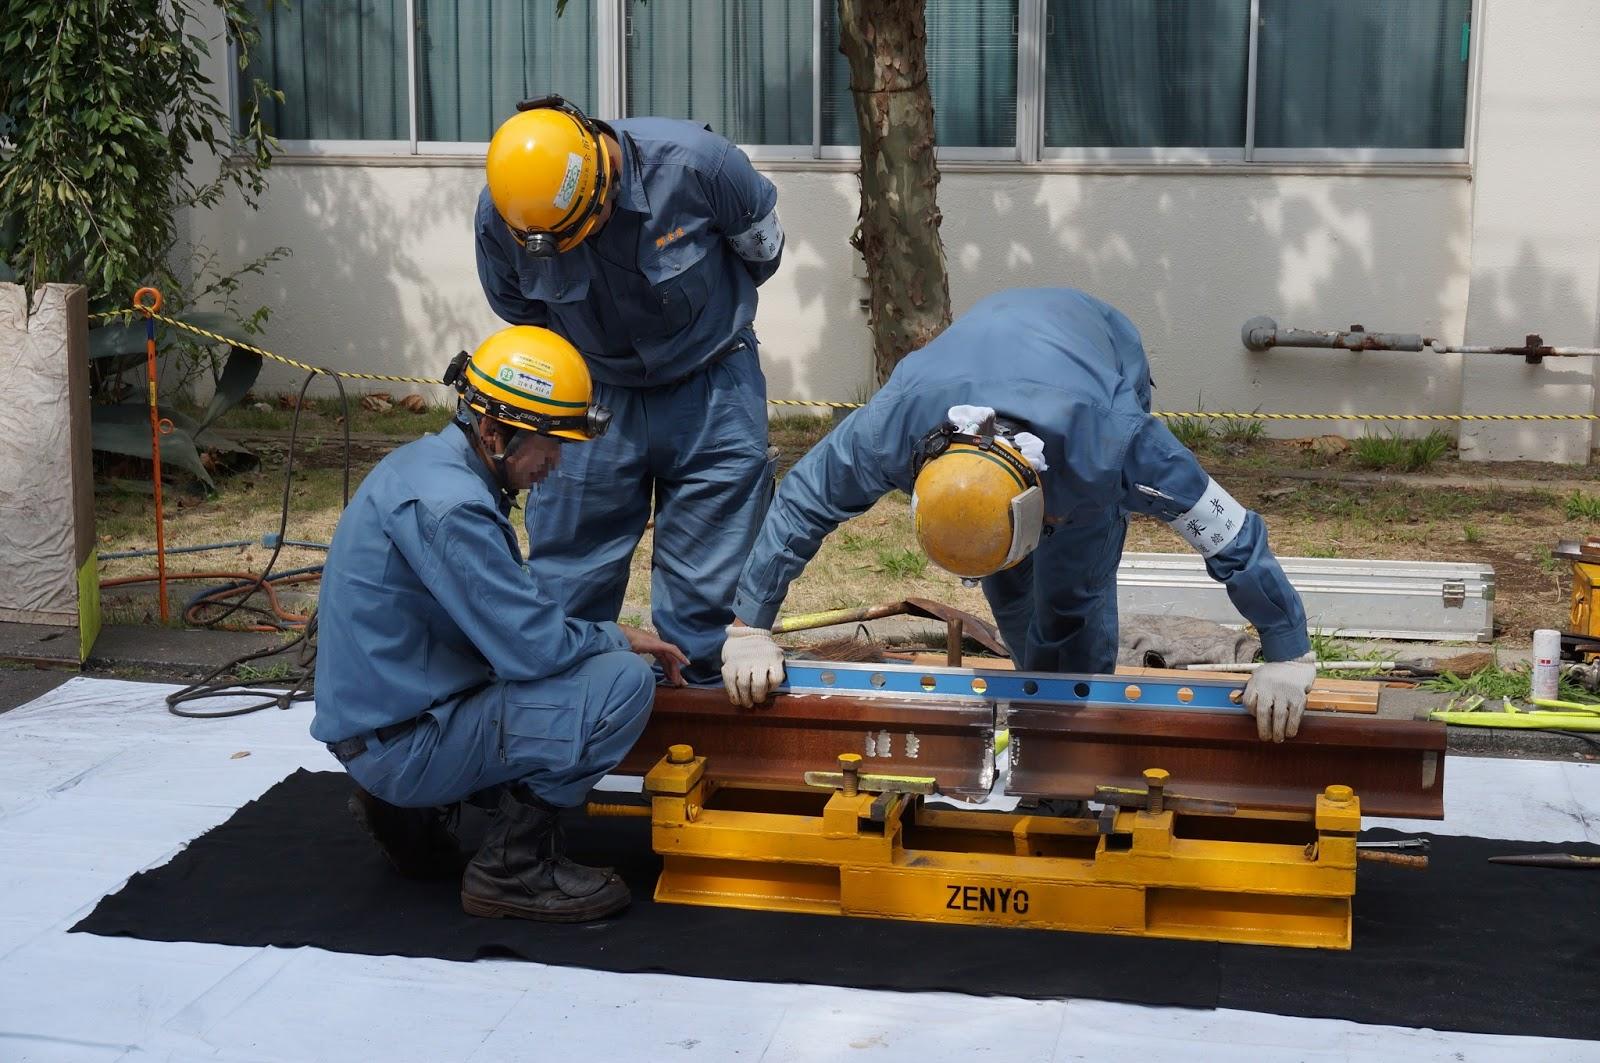 レールのテルミット溶接実演の準備作業